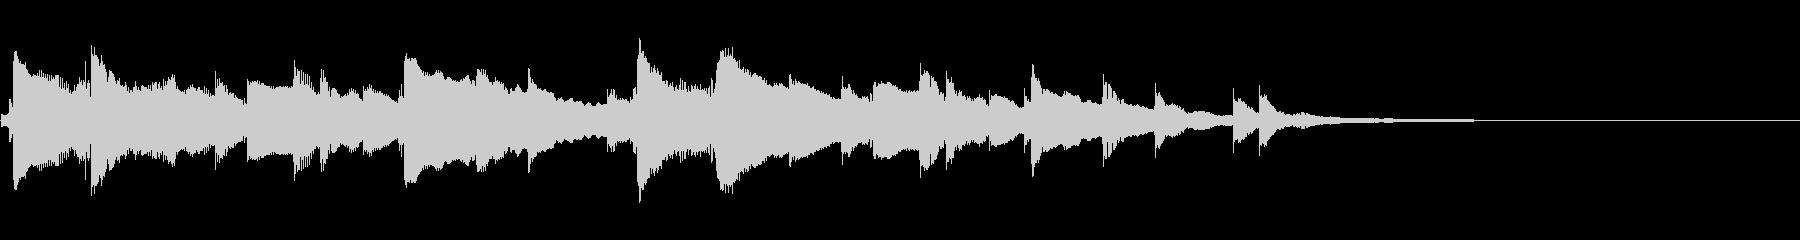 アロハオエの一部の未再生の波形